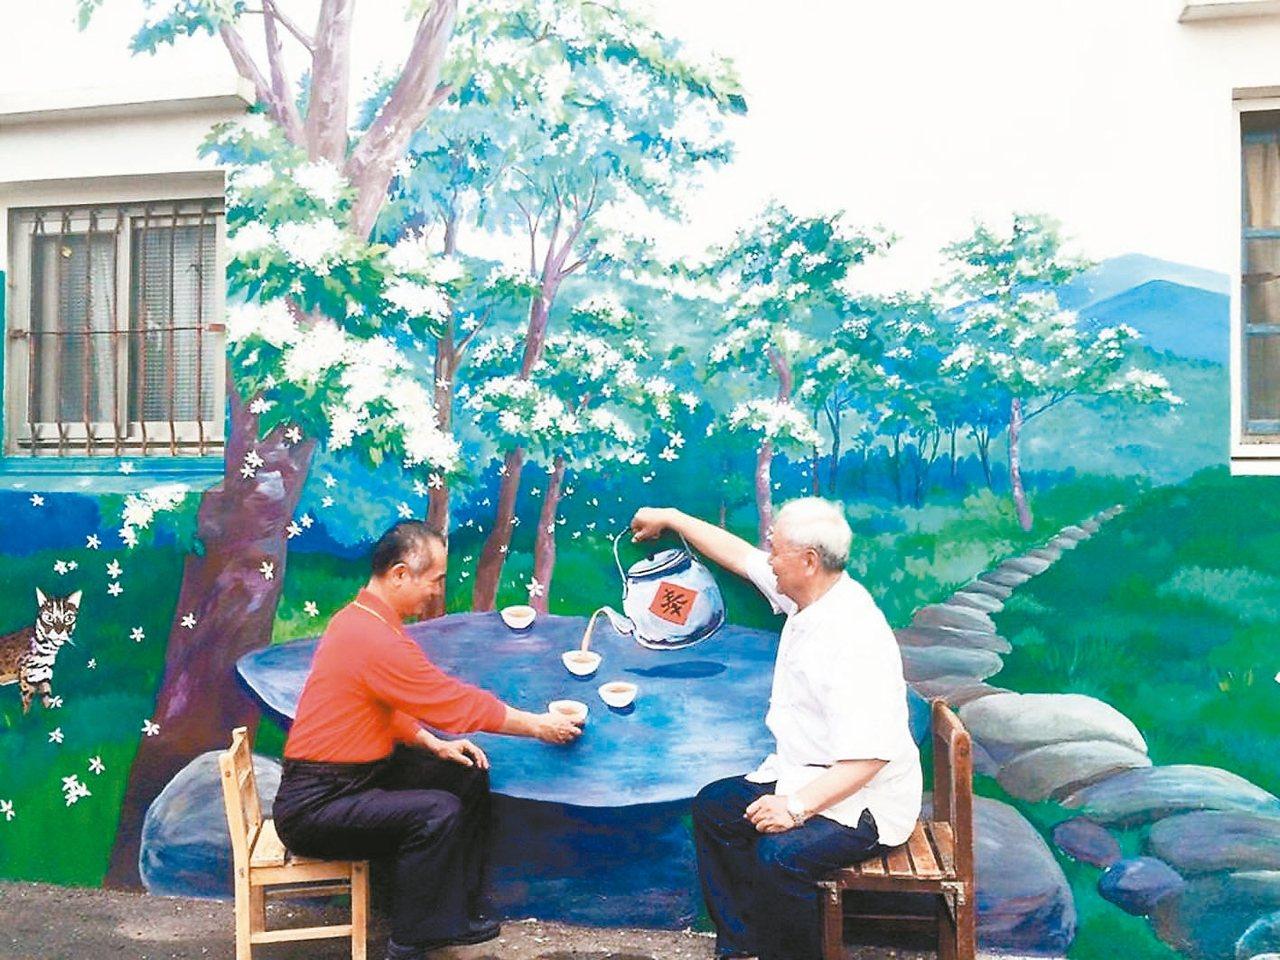 三義鄉公所昨天公布五穀宮前新3D彩繪,沿著彩繪走,可以到桐花步道。 圖/三義五穀...